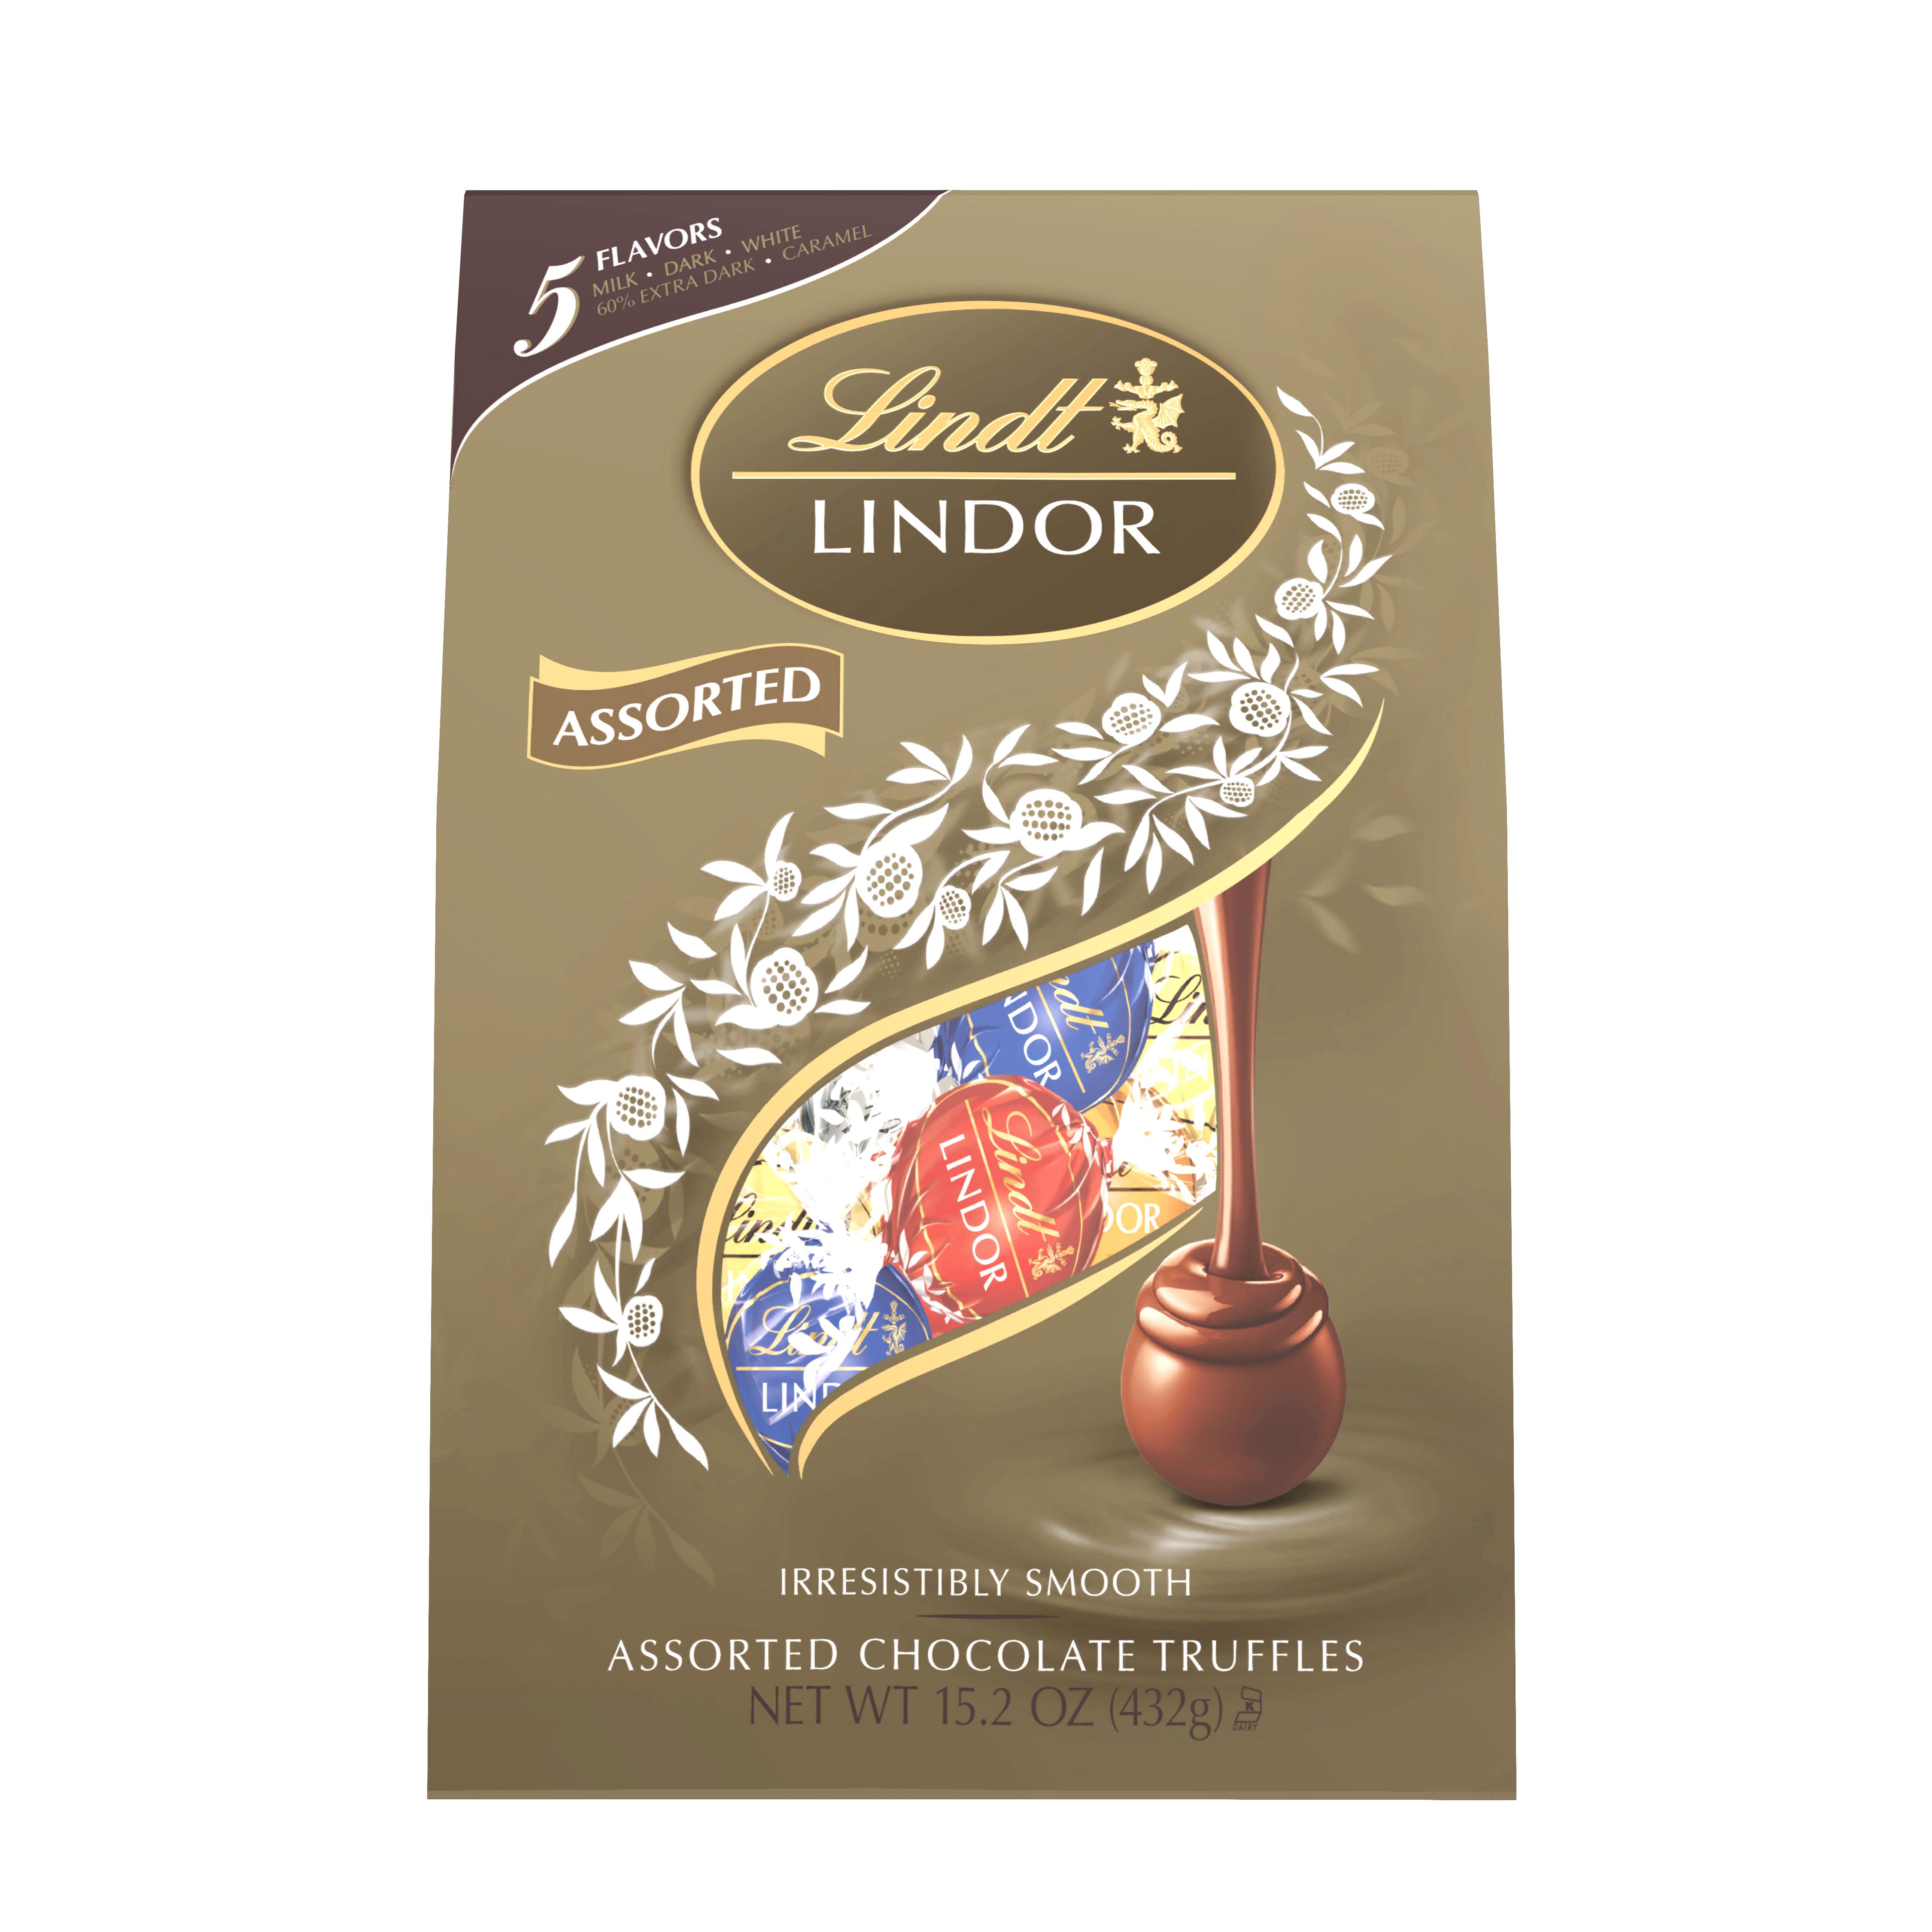 Lindt Lindor Assorted Chocolate Truffles 15.2 oz